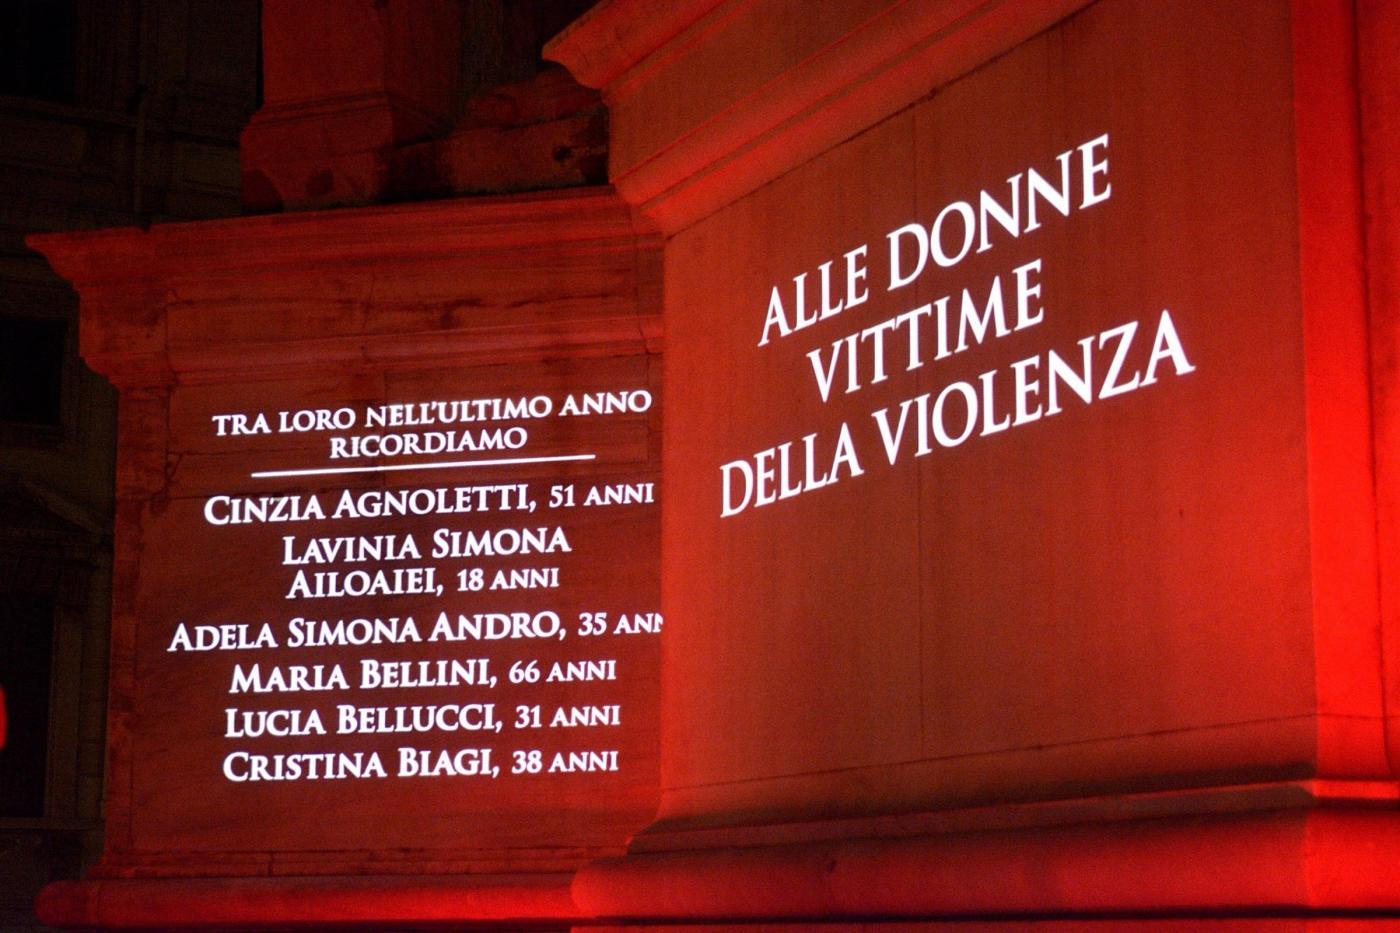 Violenza contro le donne in Italia: tra finanziamenti ridicoli ai centri e una protezione che non c'è